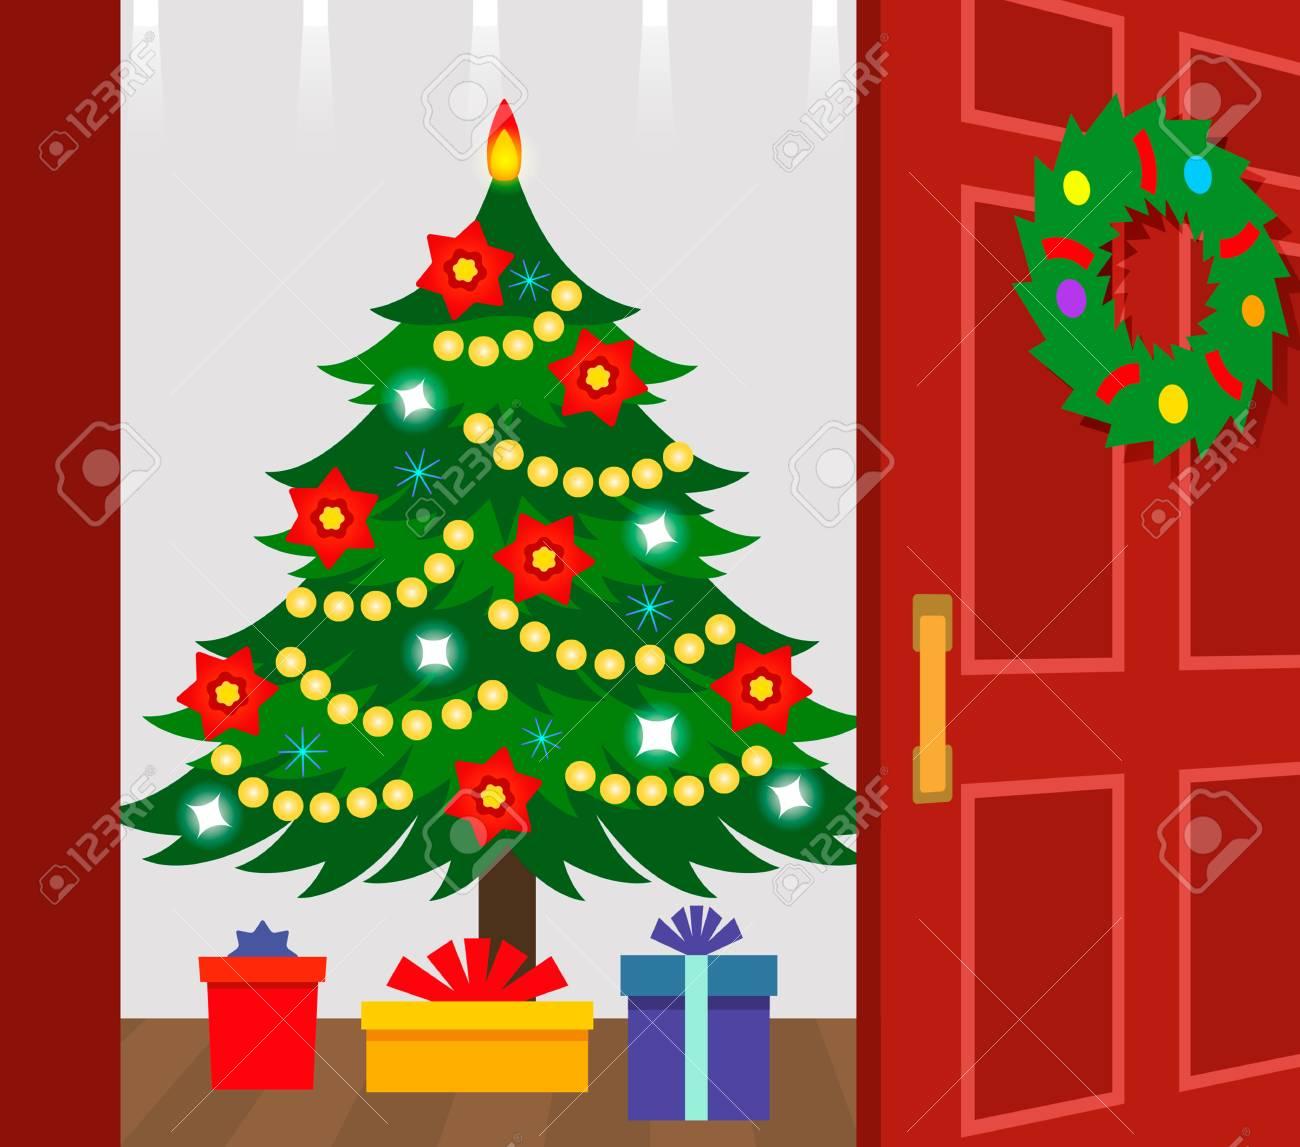 Foto Di Un Albero Di Natale.Dietro La Porta Aperta C E Un Albero Di Natale Con Regali Un Biglietto Di Auguri Festivo Illustrazione Vettoriale